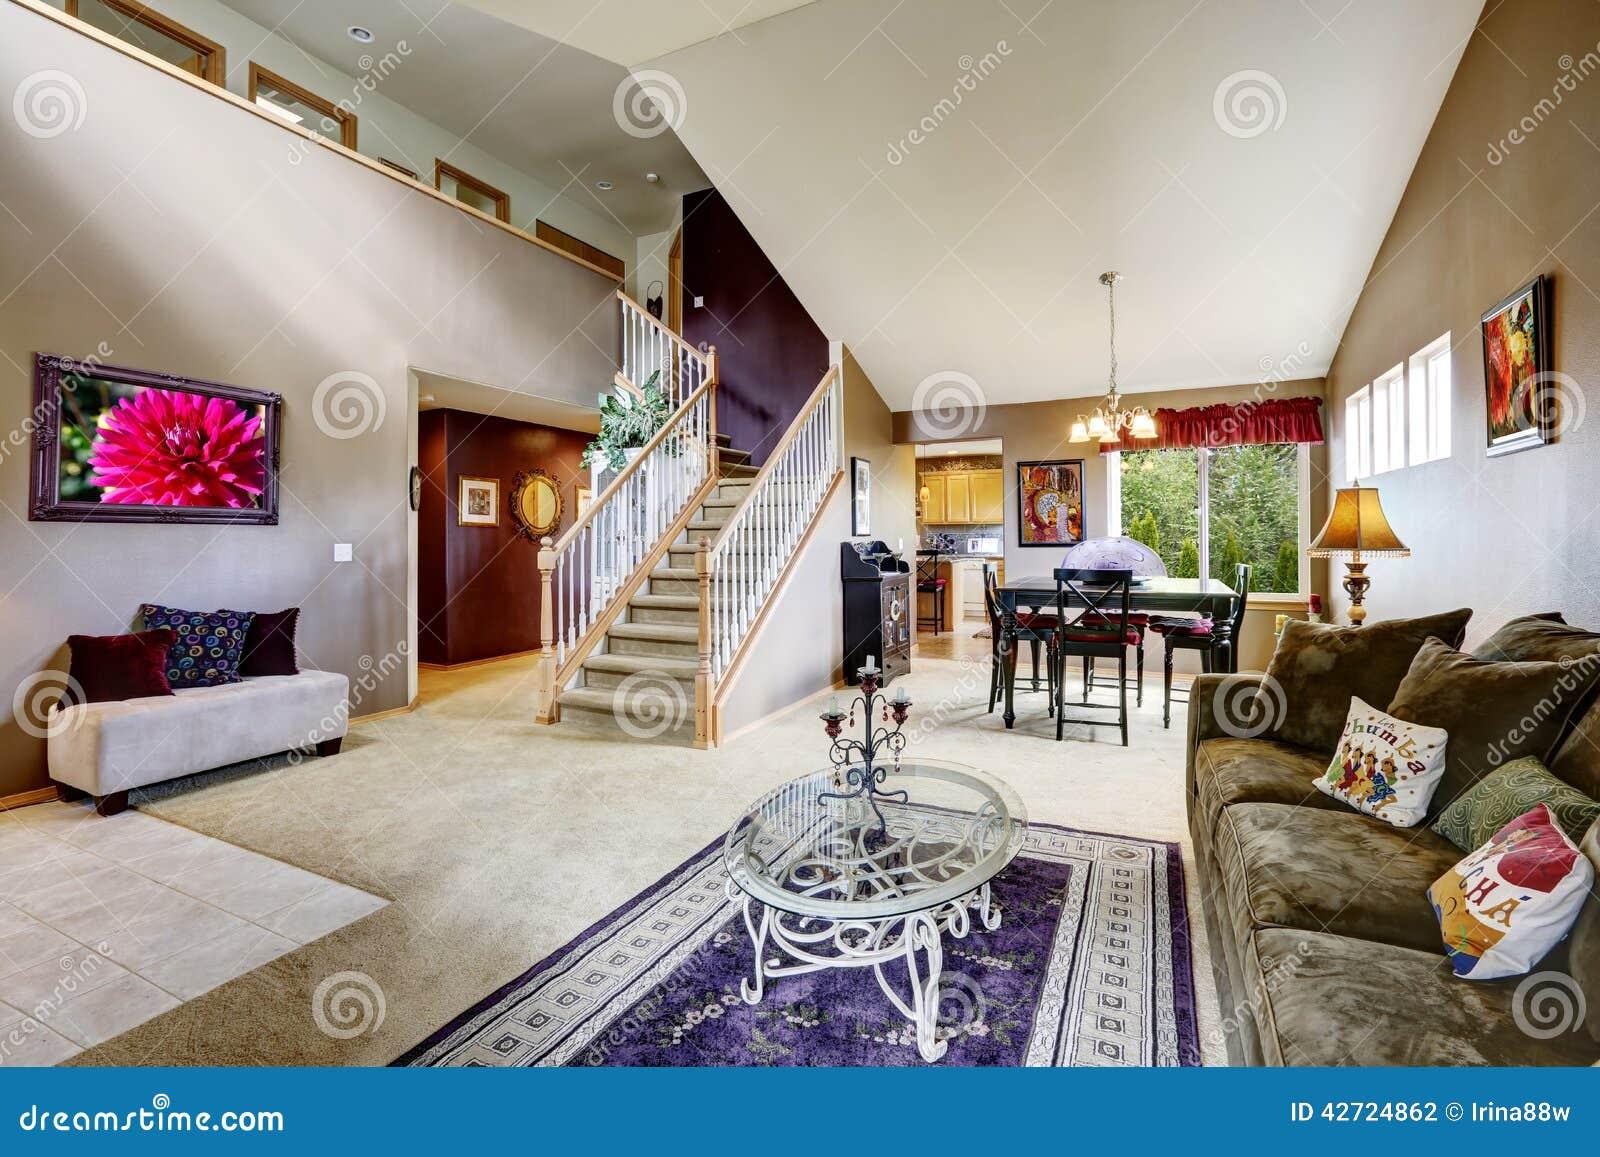 Int rieur de chambre avec l 39 espace ouvert salon avec l 39 escalier photo - Escalier ouvert salon ...